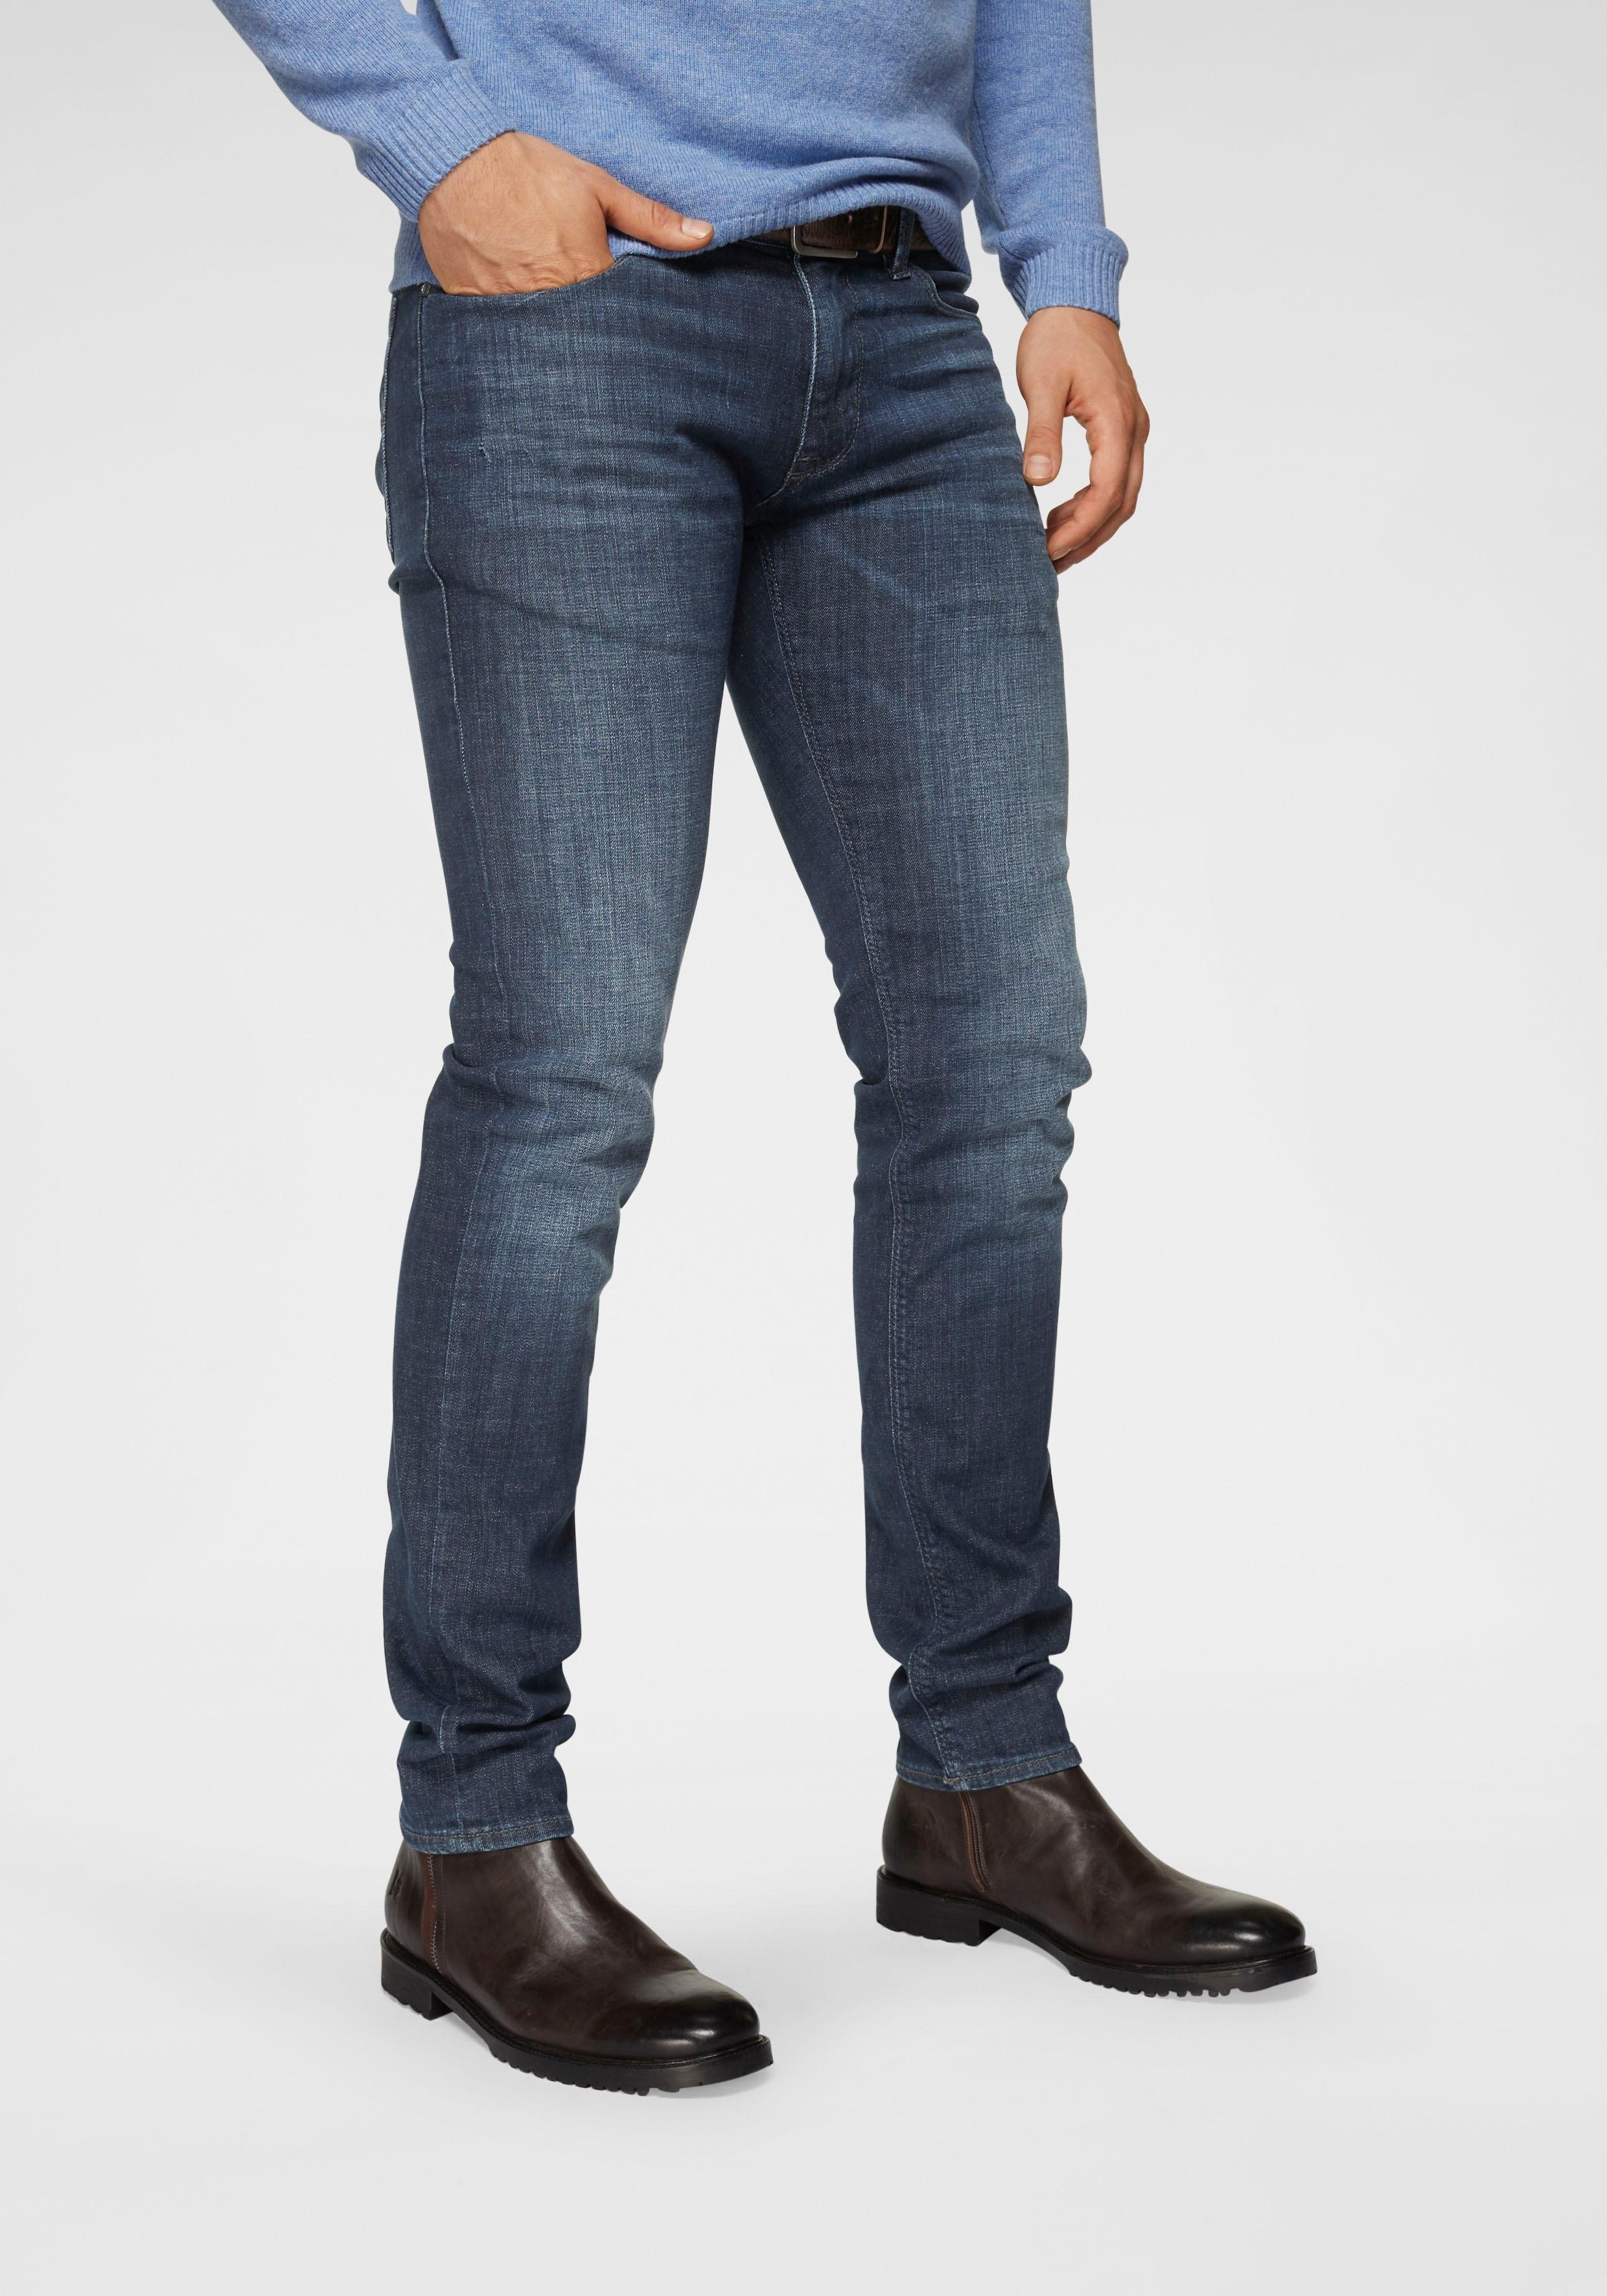 Joop Jeans 5-pocketsjeans SLIM FIT